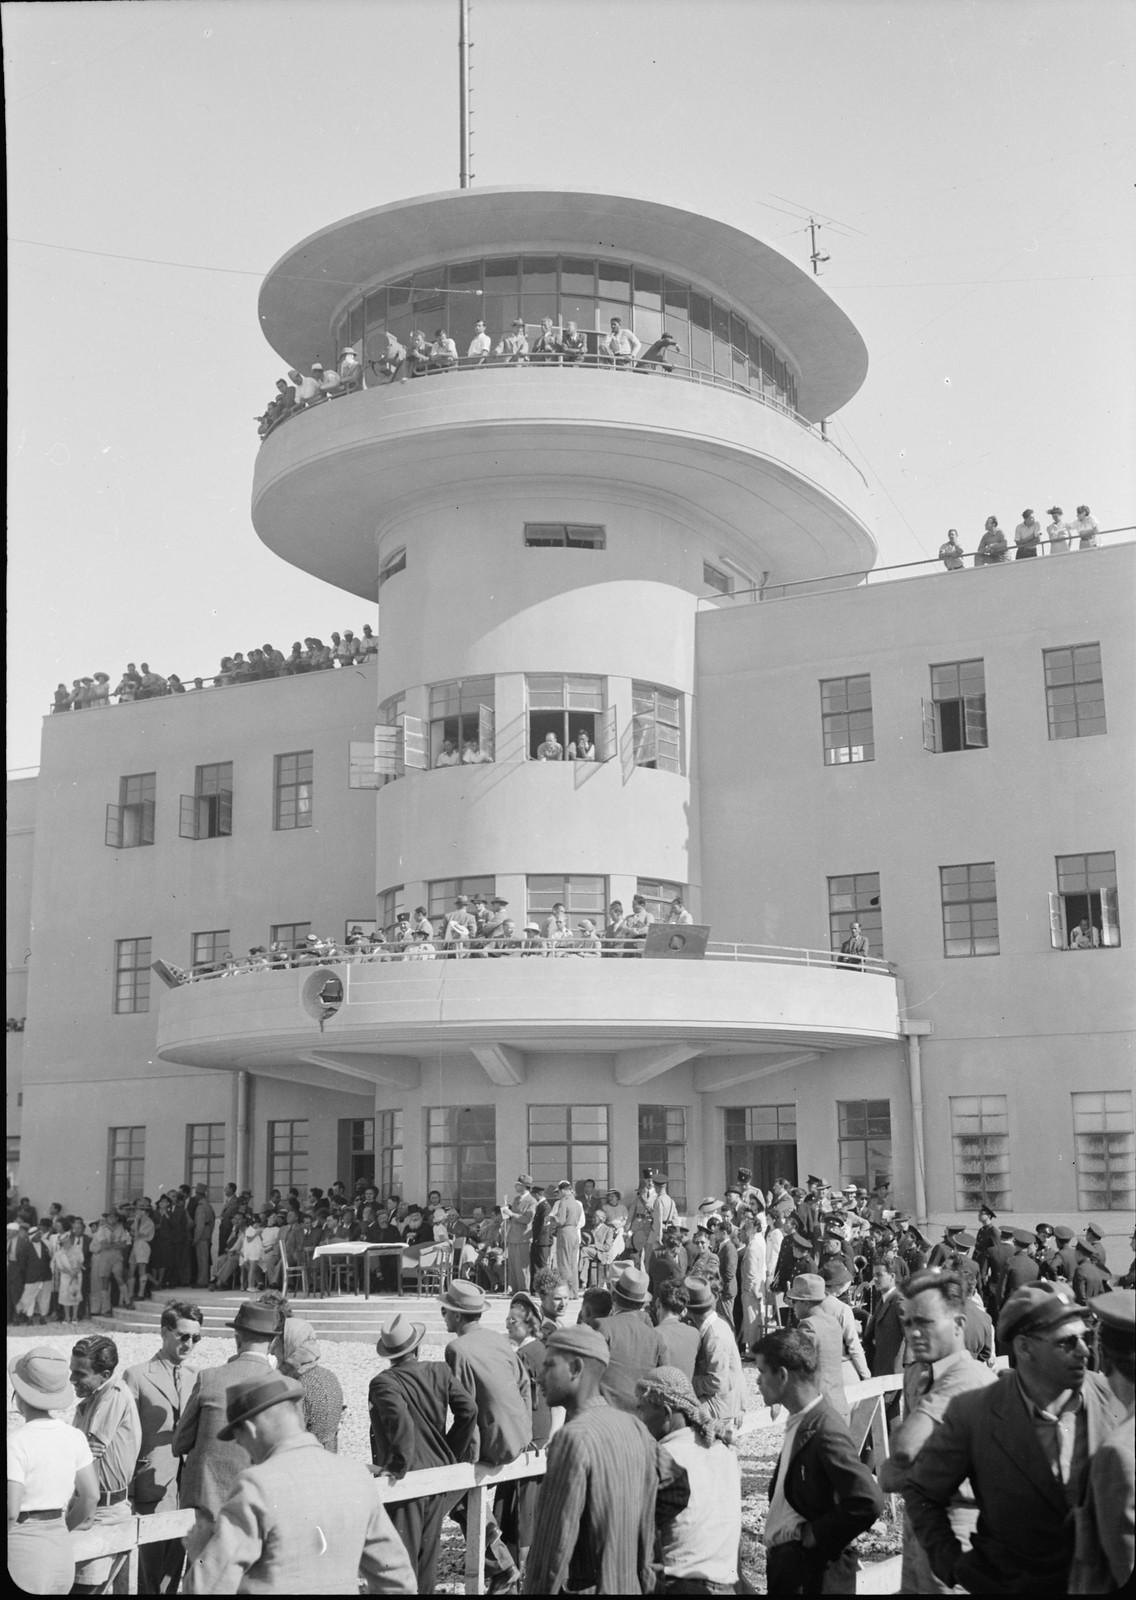 04. Центральная часть здания аэровокзала. Верховный комиссар Палестины на балконе